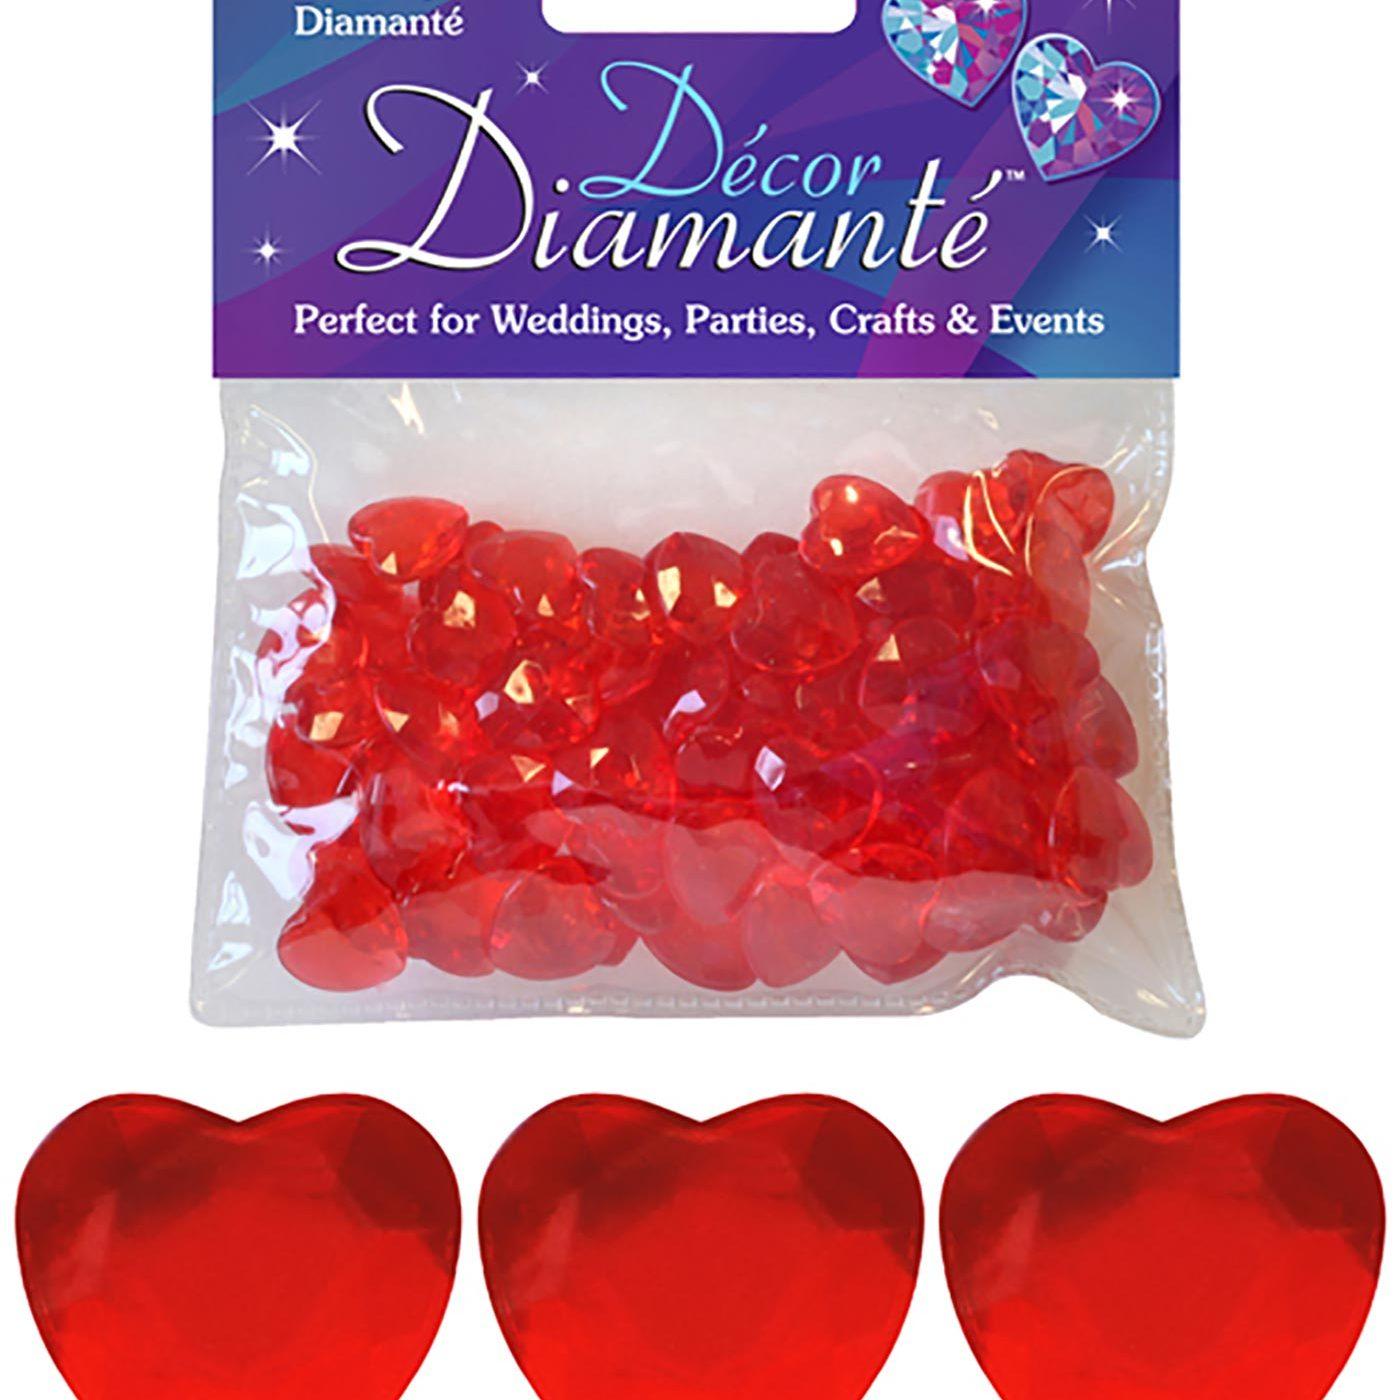 12mm Décor Diamante Double Faced Heart 28g No.16 Red